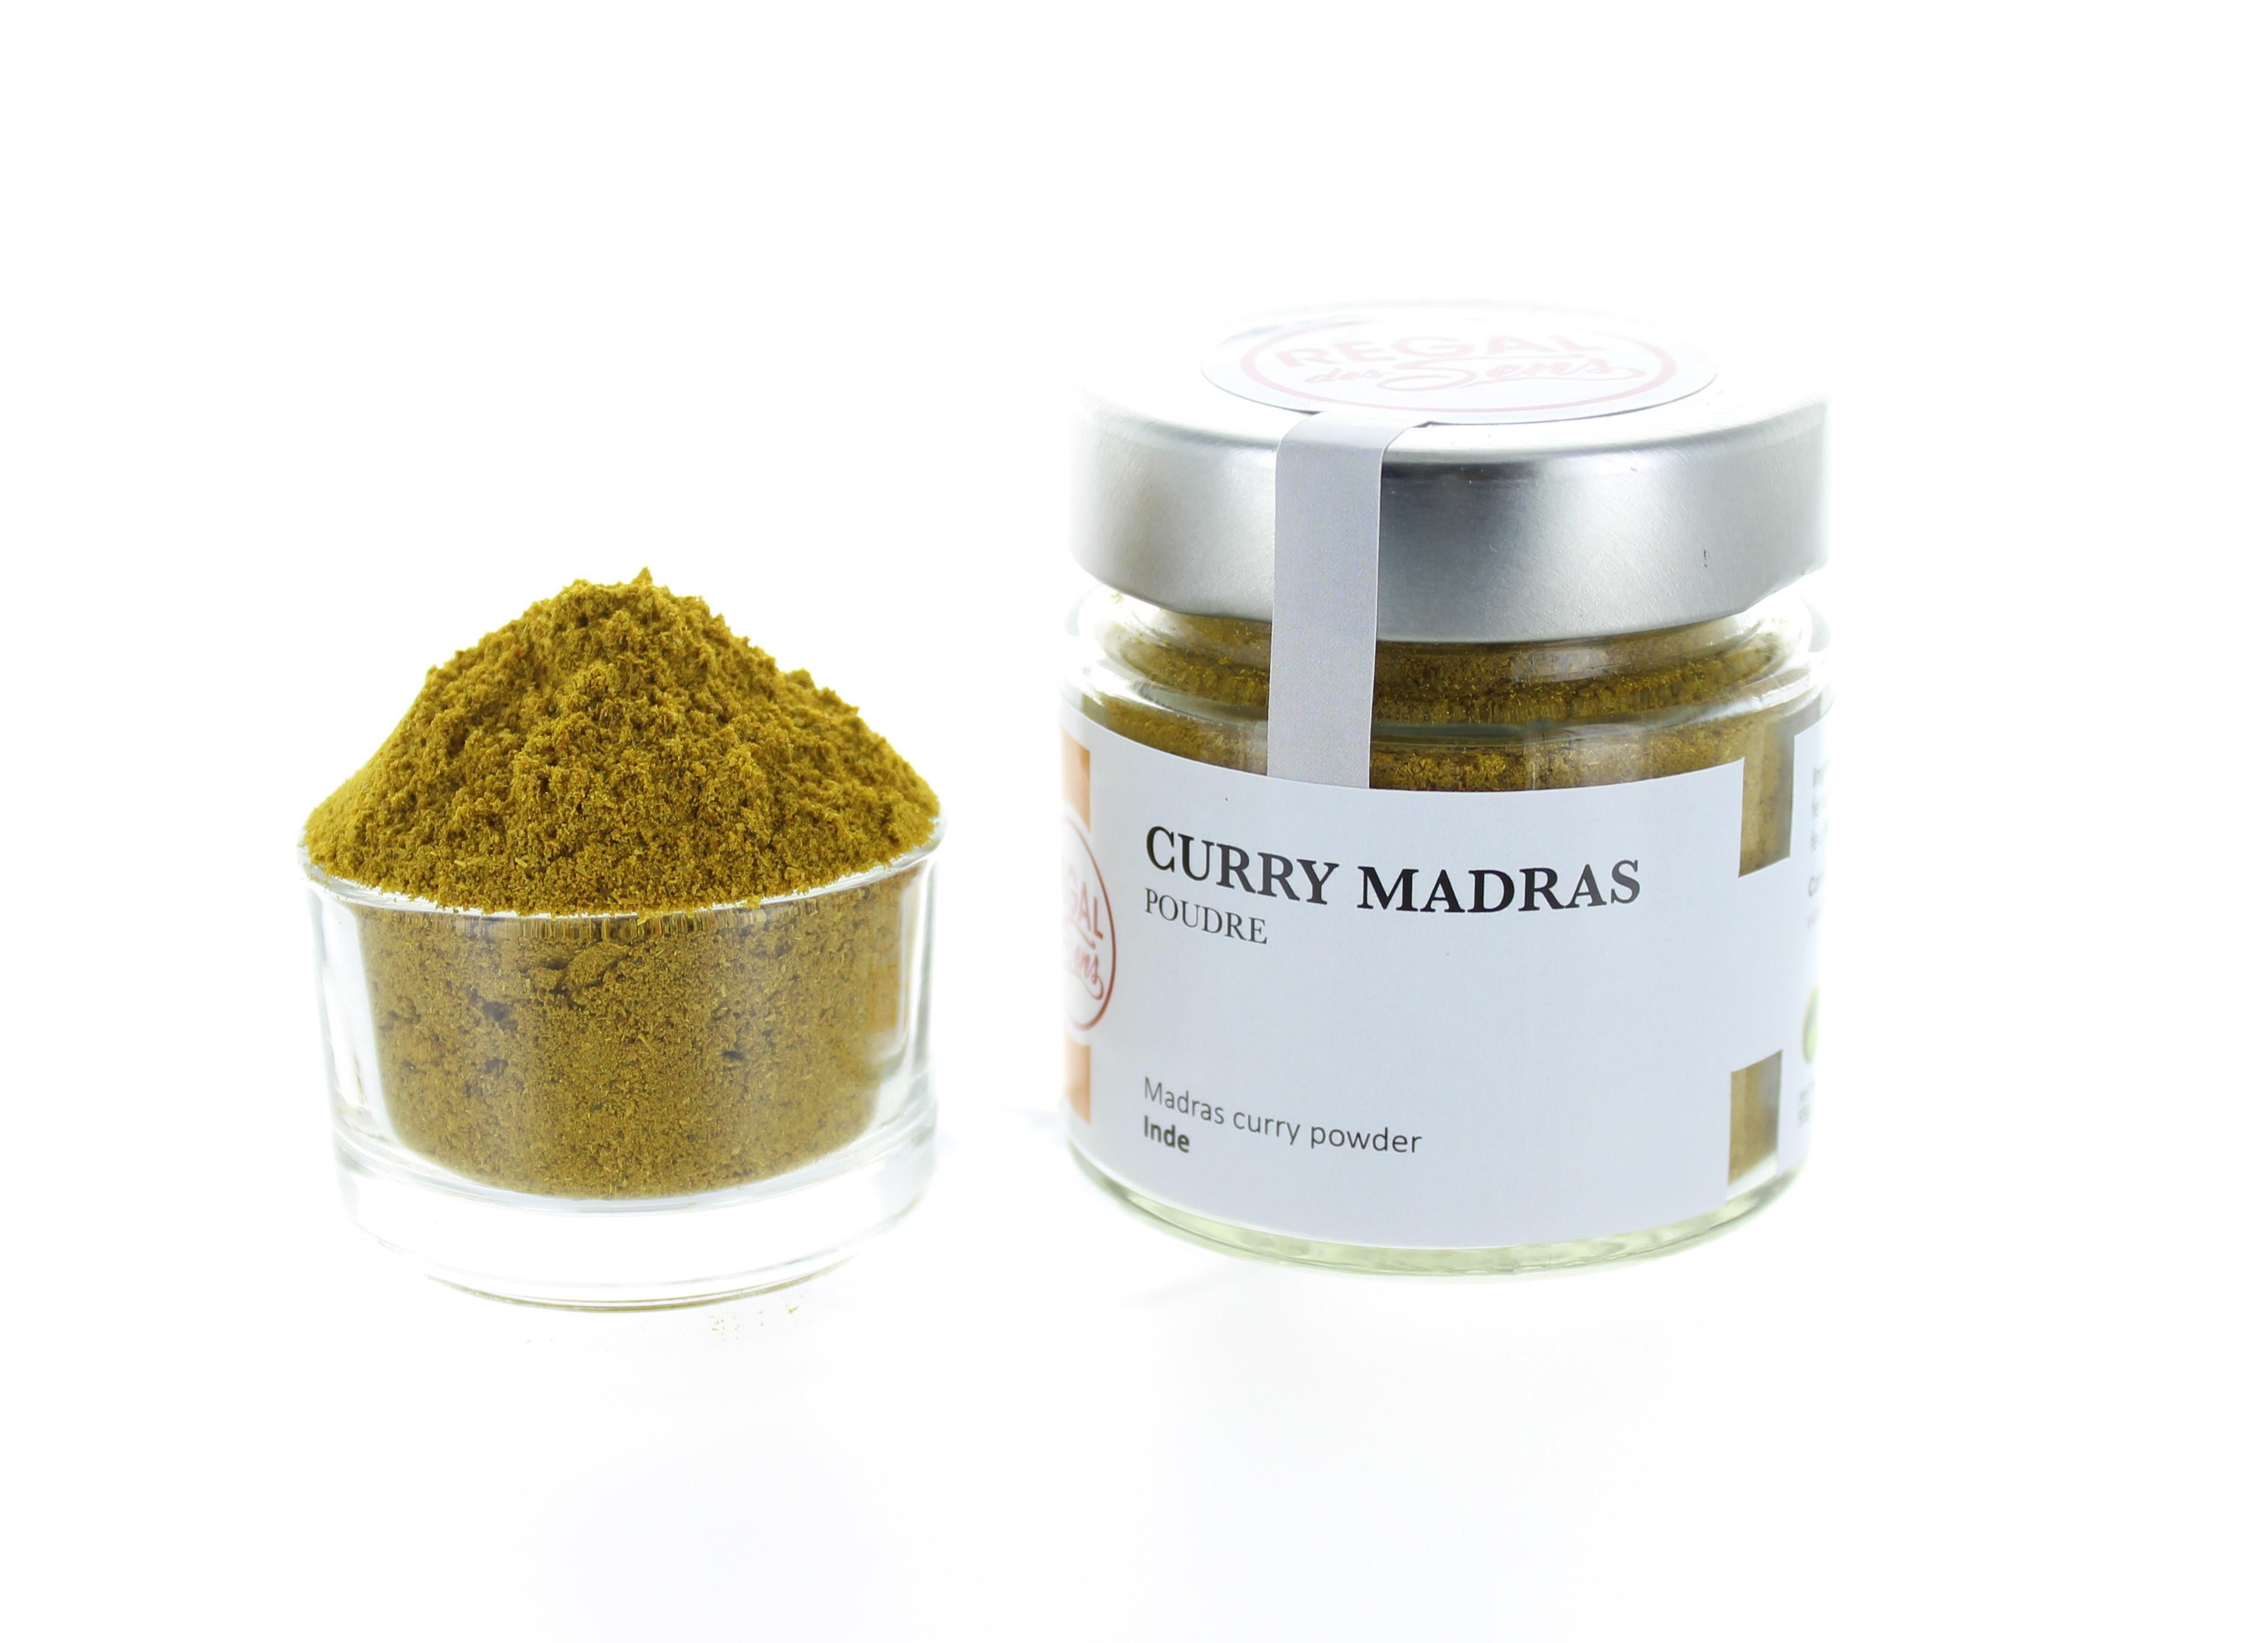 Curry Madras